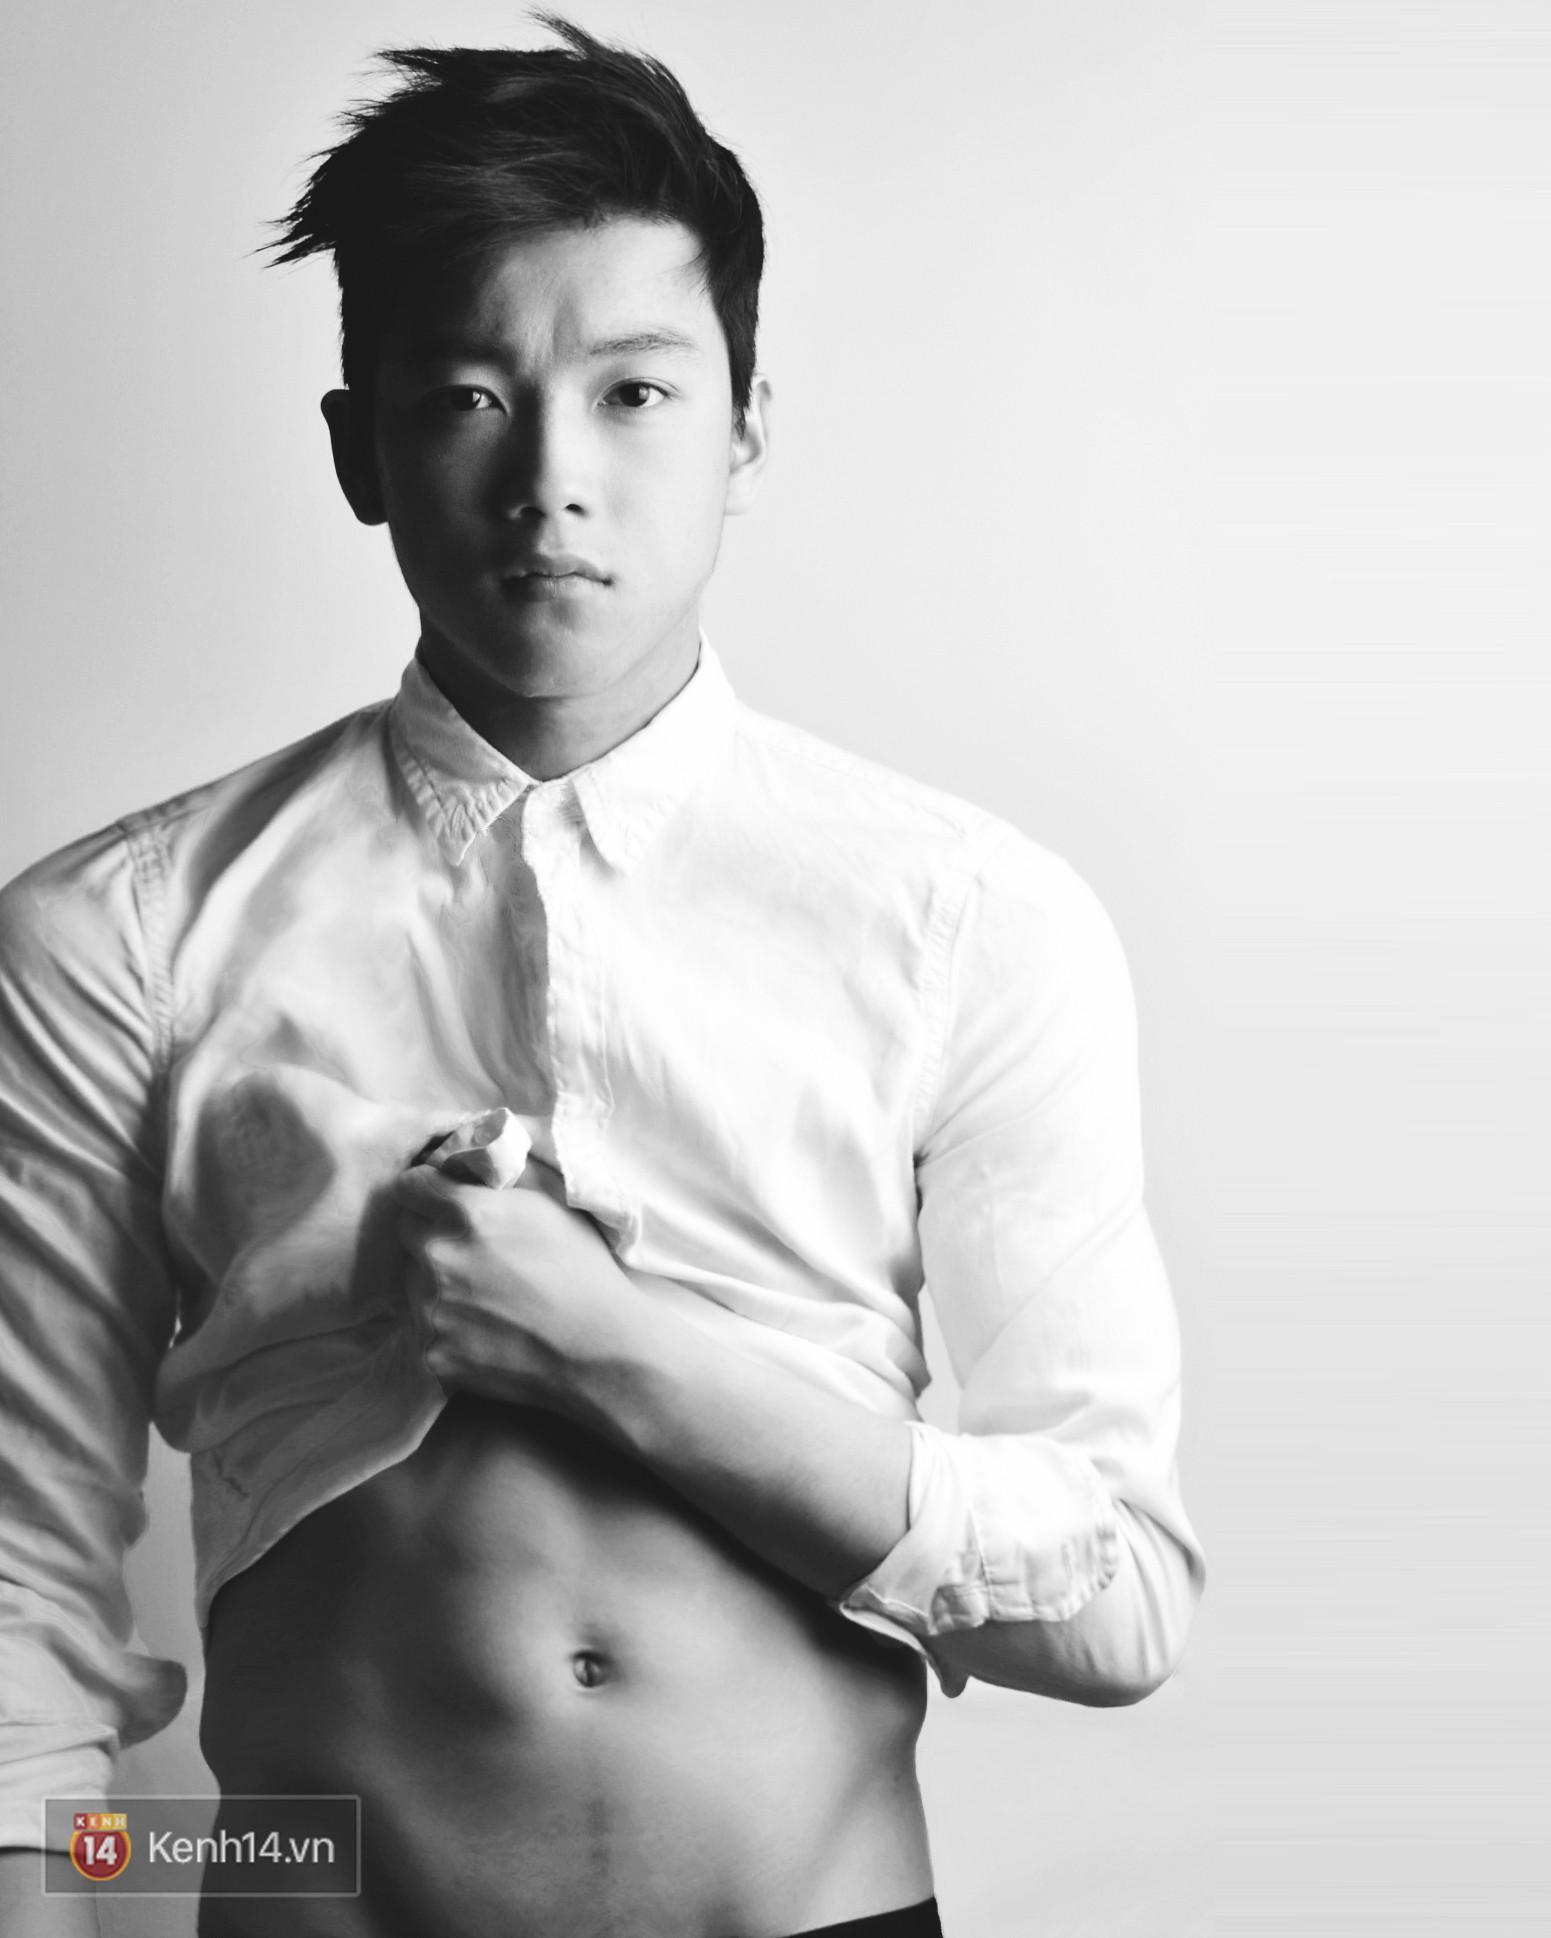 Bằng chứng Chris Khoa đang lão hoá ngược: 4 năm gương mặt không chút thay đổi chút nào - Ảnh 2.